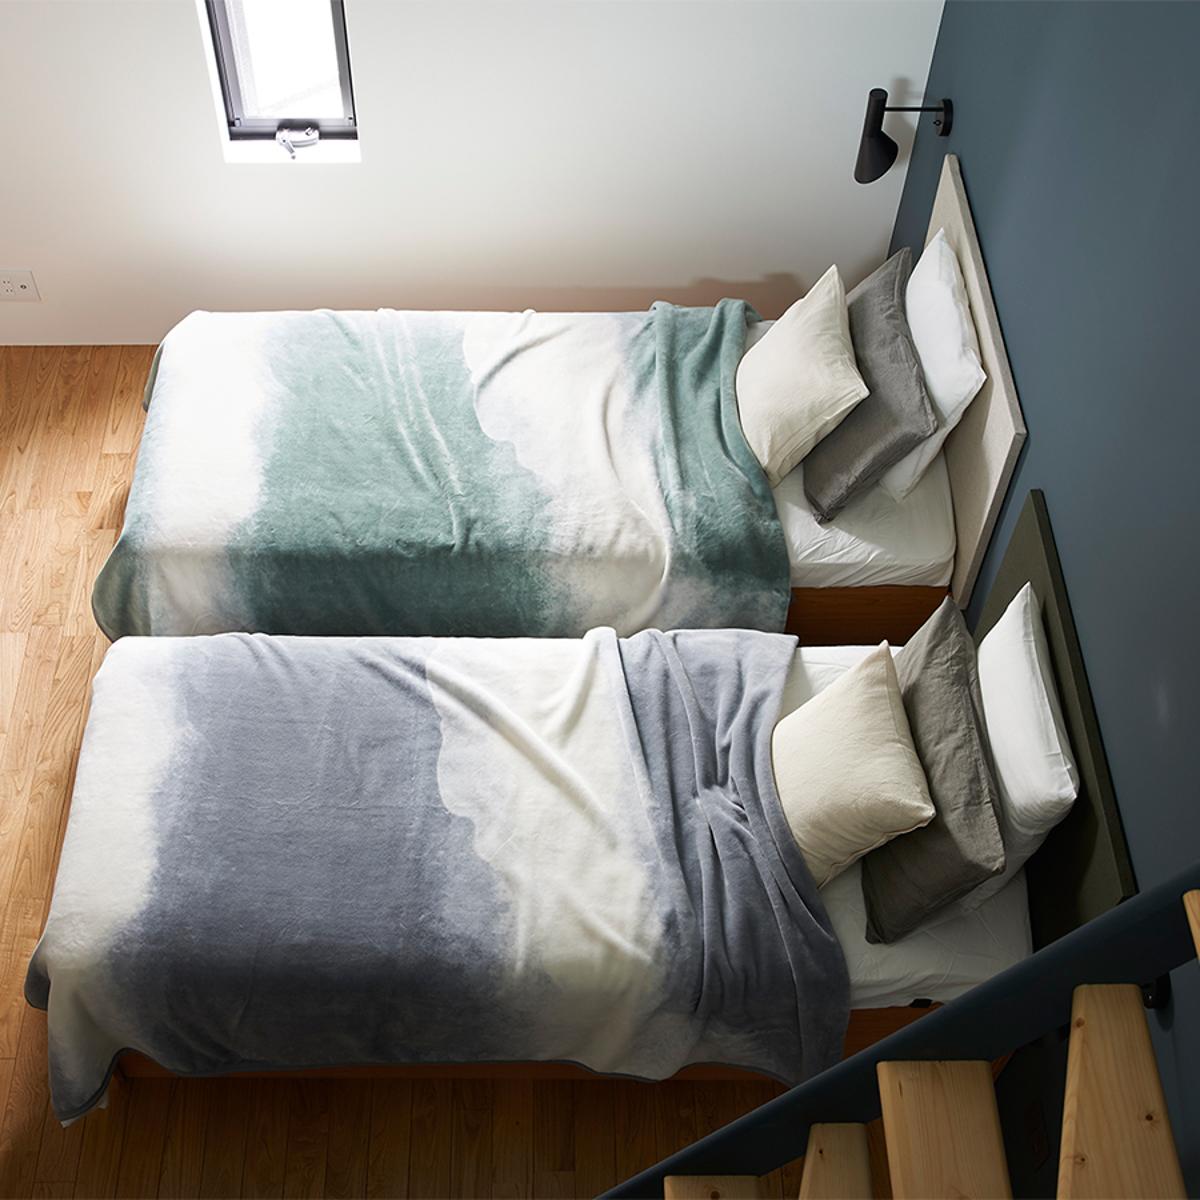 日本製のコットン100%の上質なコットンブランケット。ベッドカバーにもおすすめなおしゃれでかっこいいデザイン|題名「FLOOD OF LIGHT」という名の寝具(綿毛布)|LOOM&SPOOL(ルーム アンド スプール)